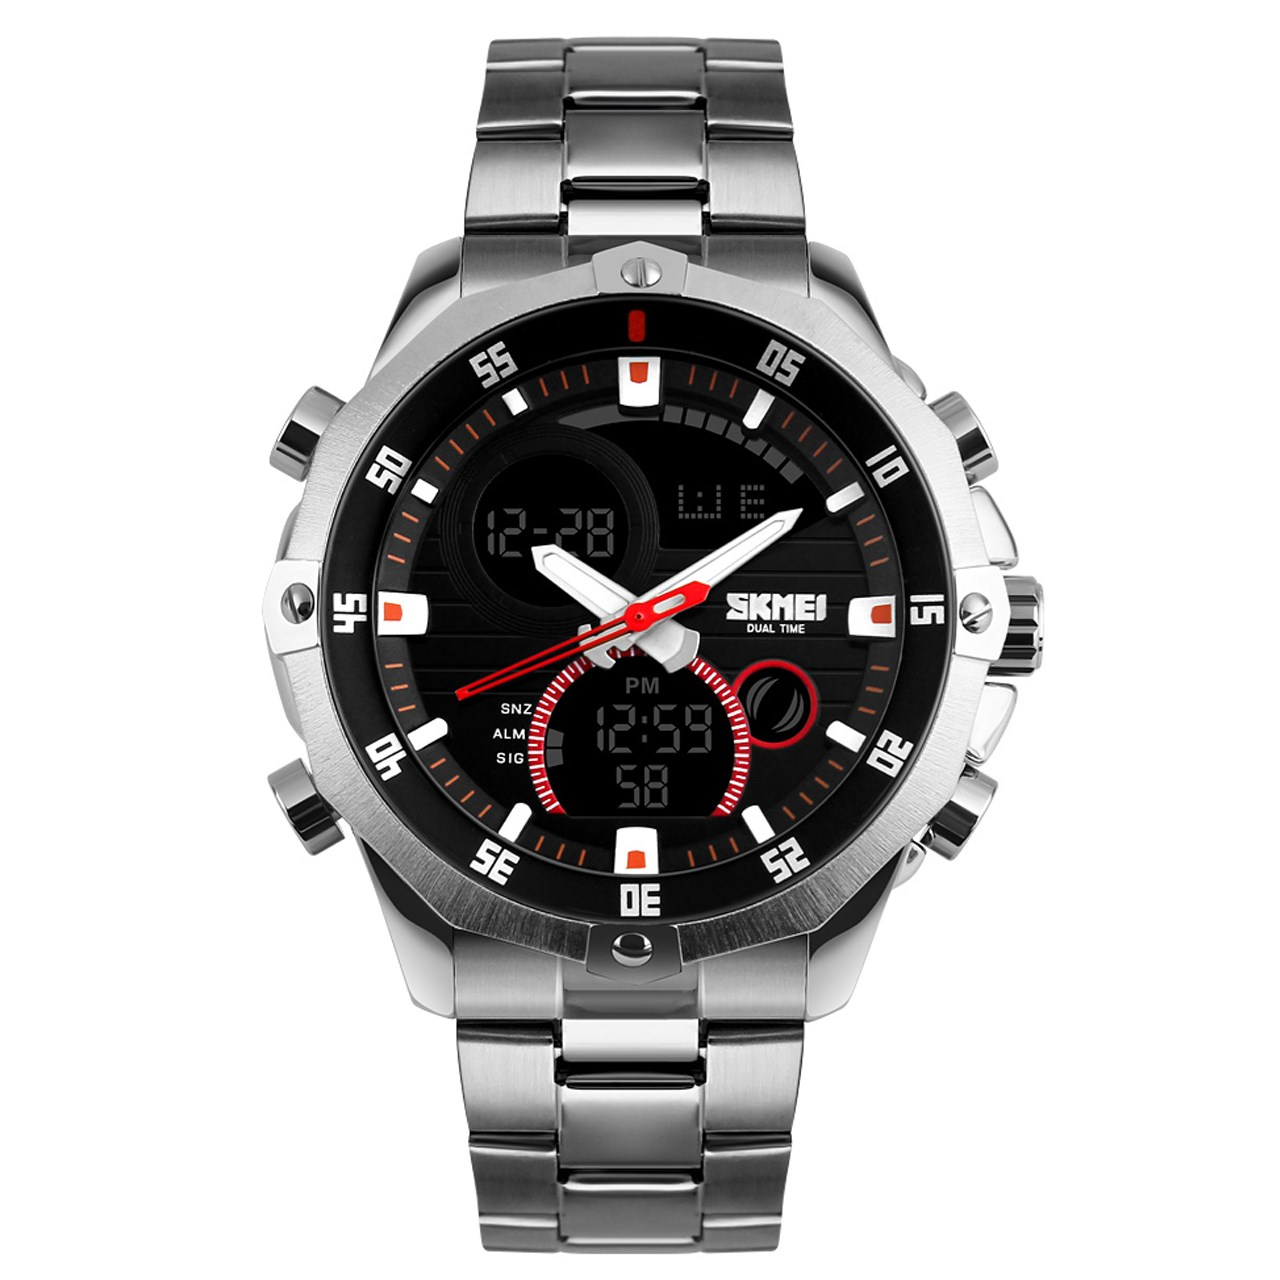 ساعت مچی دیجیتالی مردانه اسکمی مدل 1146 14